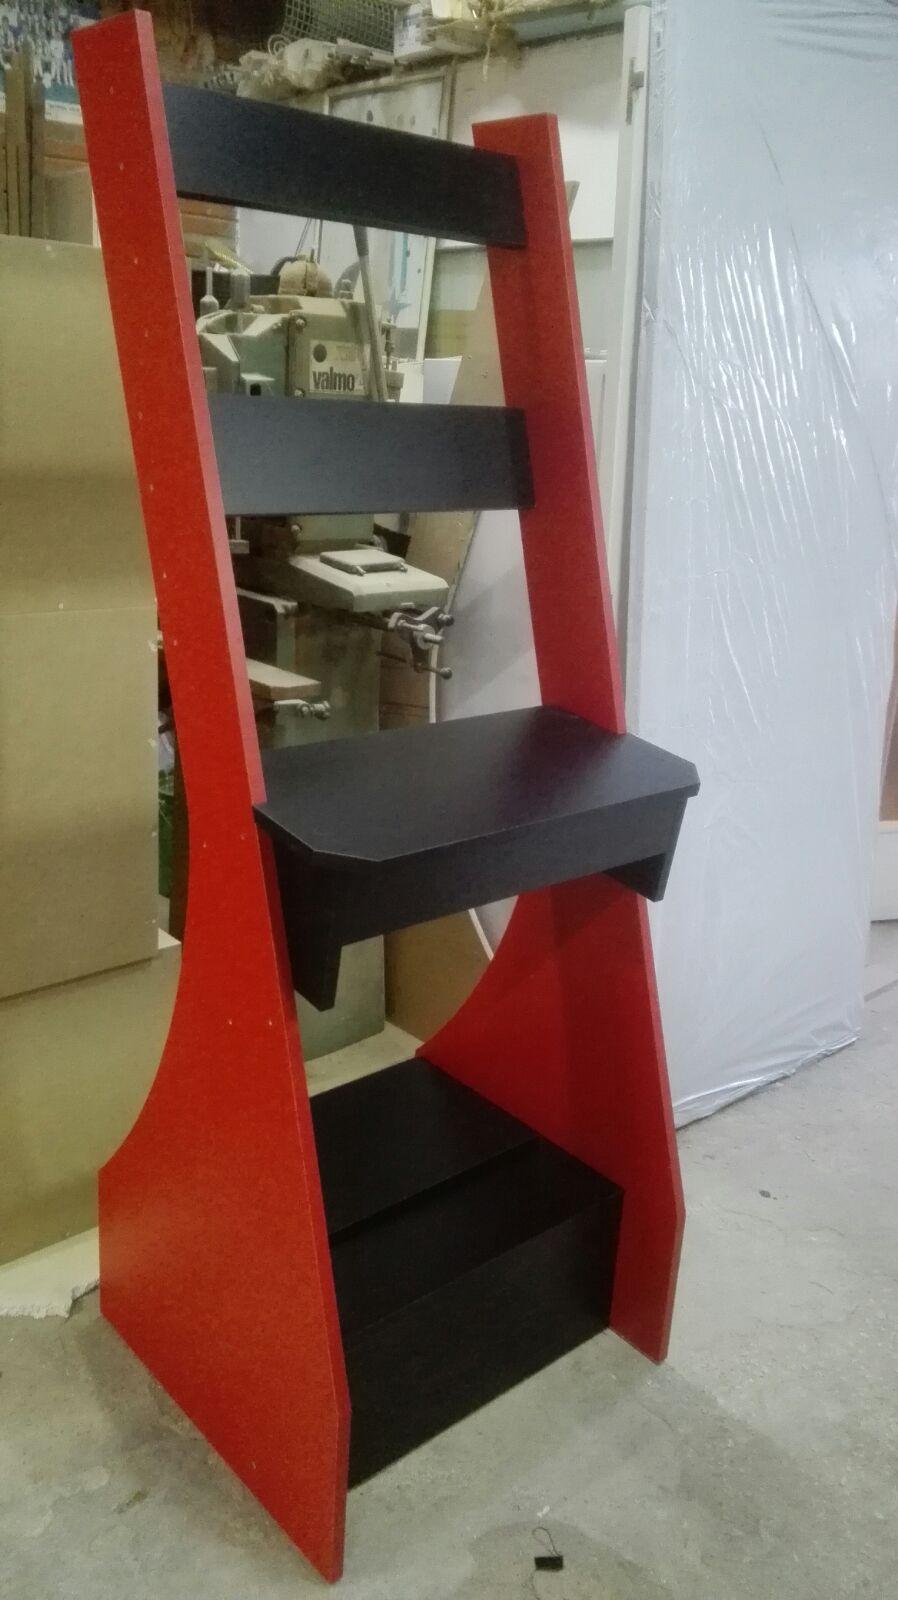 Mueble montado a falta de la bandeja extraible y las perforaciones.